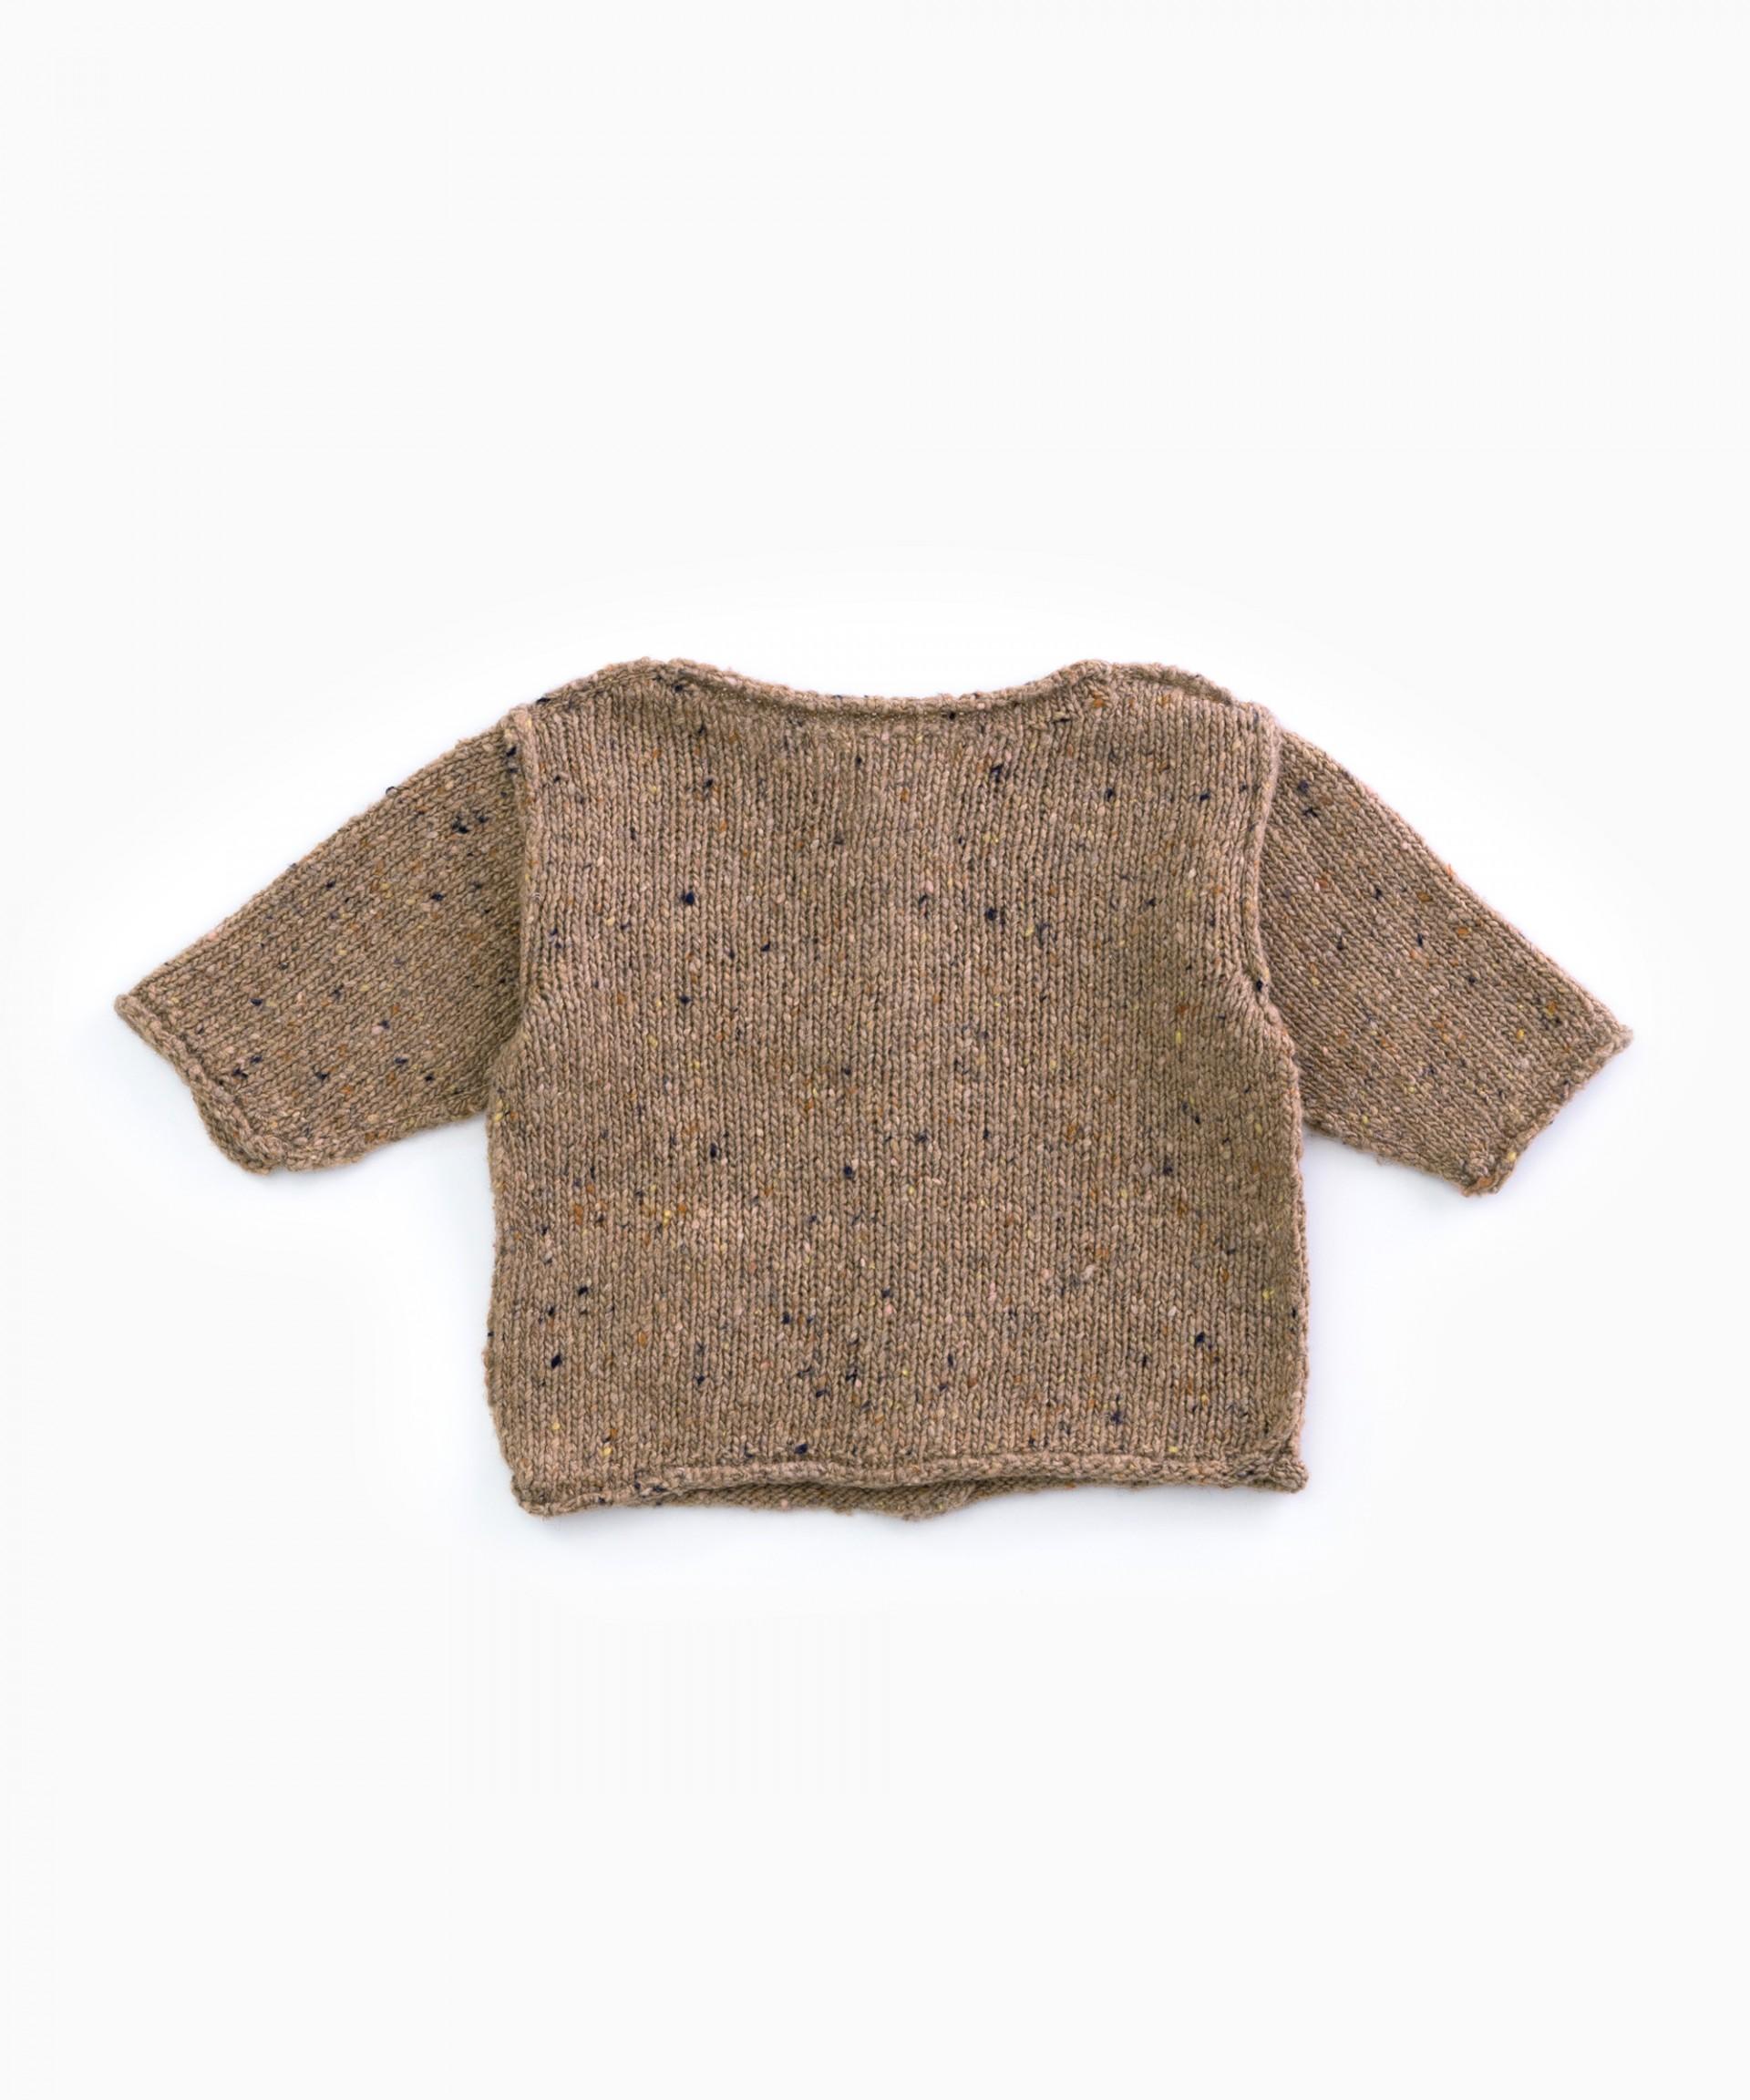 Chaqueta tricot con bolsillo | Woodwork